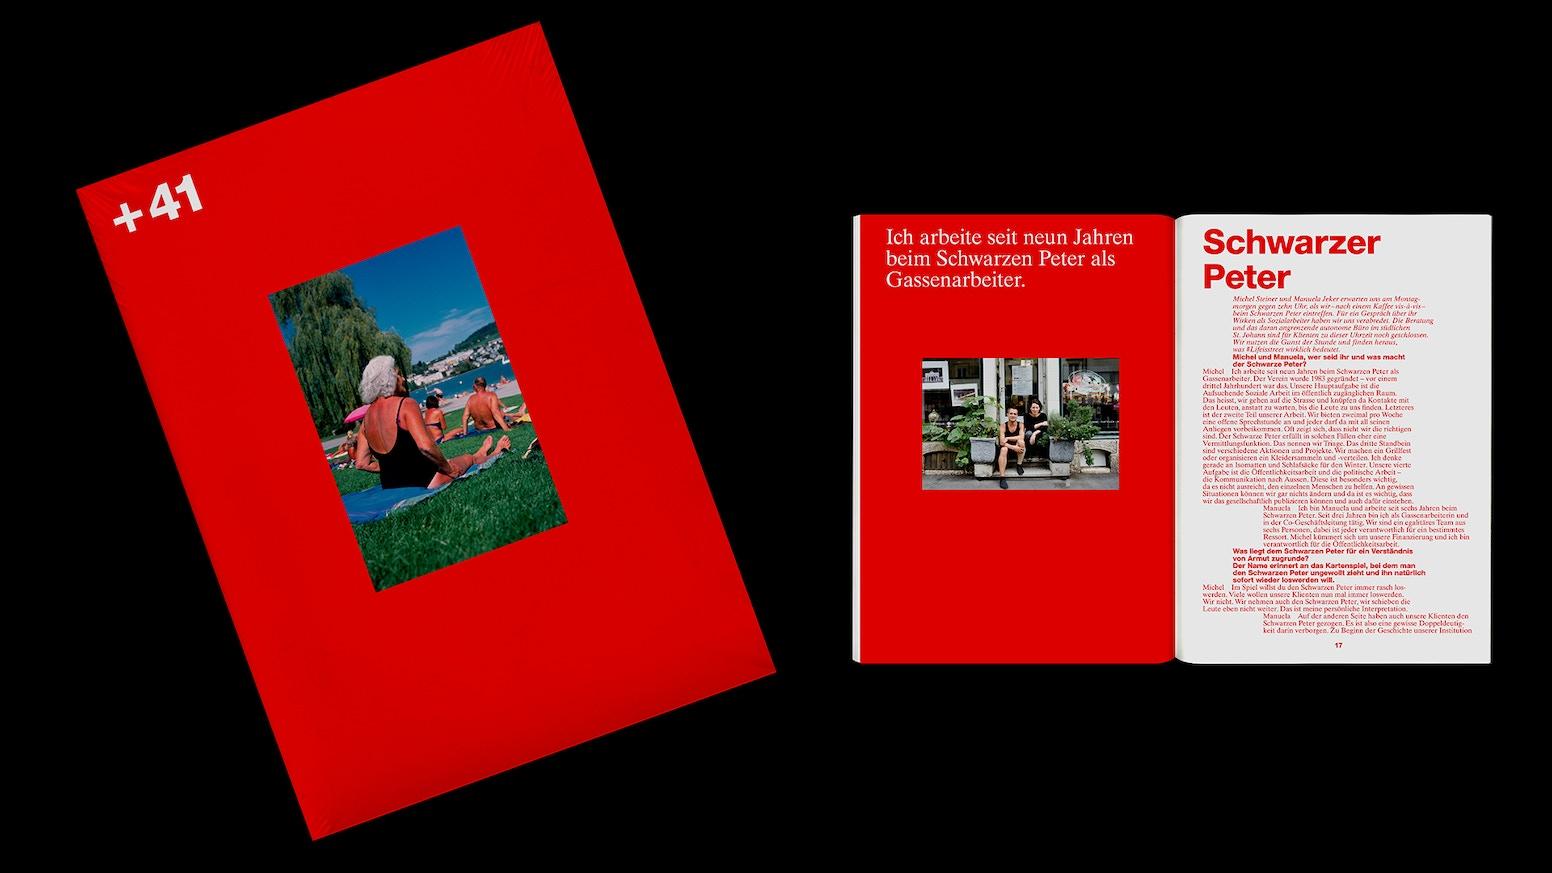 +41 ist eine Schweizer Publikation der Onlineplattform wiewaersmalmit.ch, die jährlich kostenlos erscheinen soll – mit Interviews, Fotostrecken und Texten rund um Alltagskultur und Menschen.